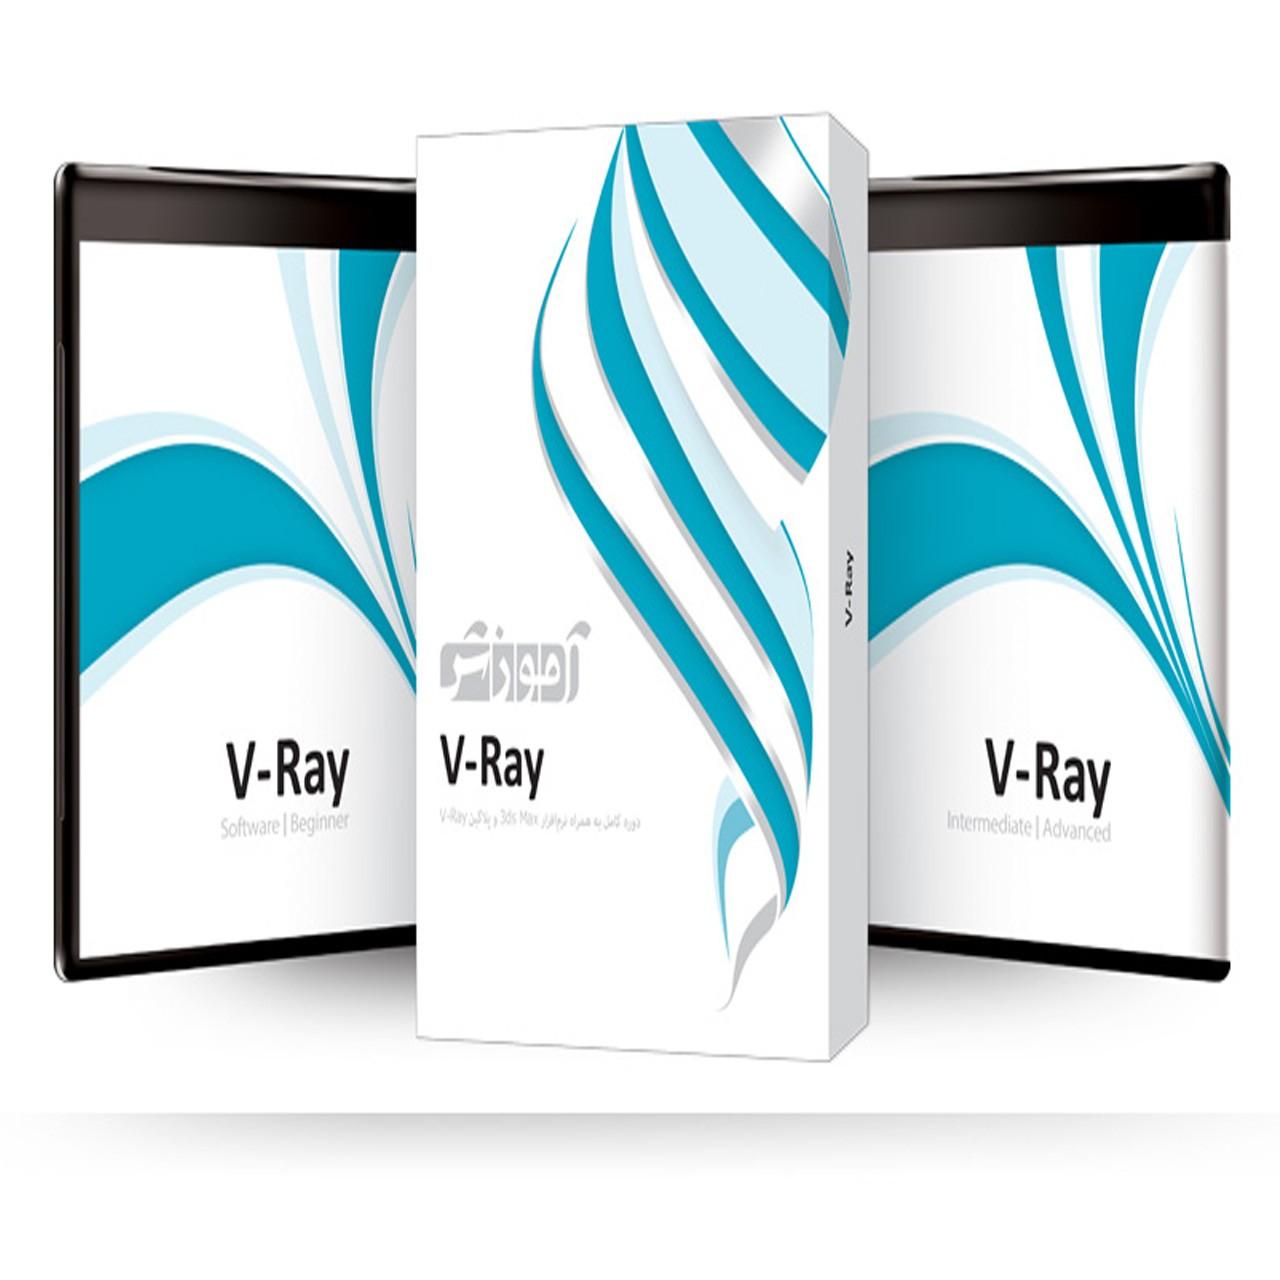 آموزش پلاگین V-Ray روی نرمافزار 3ds Max